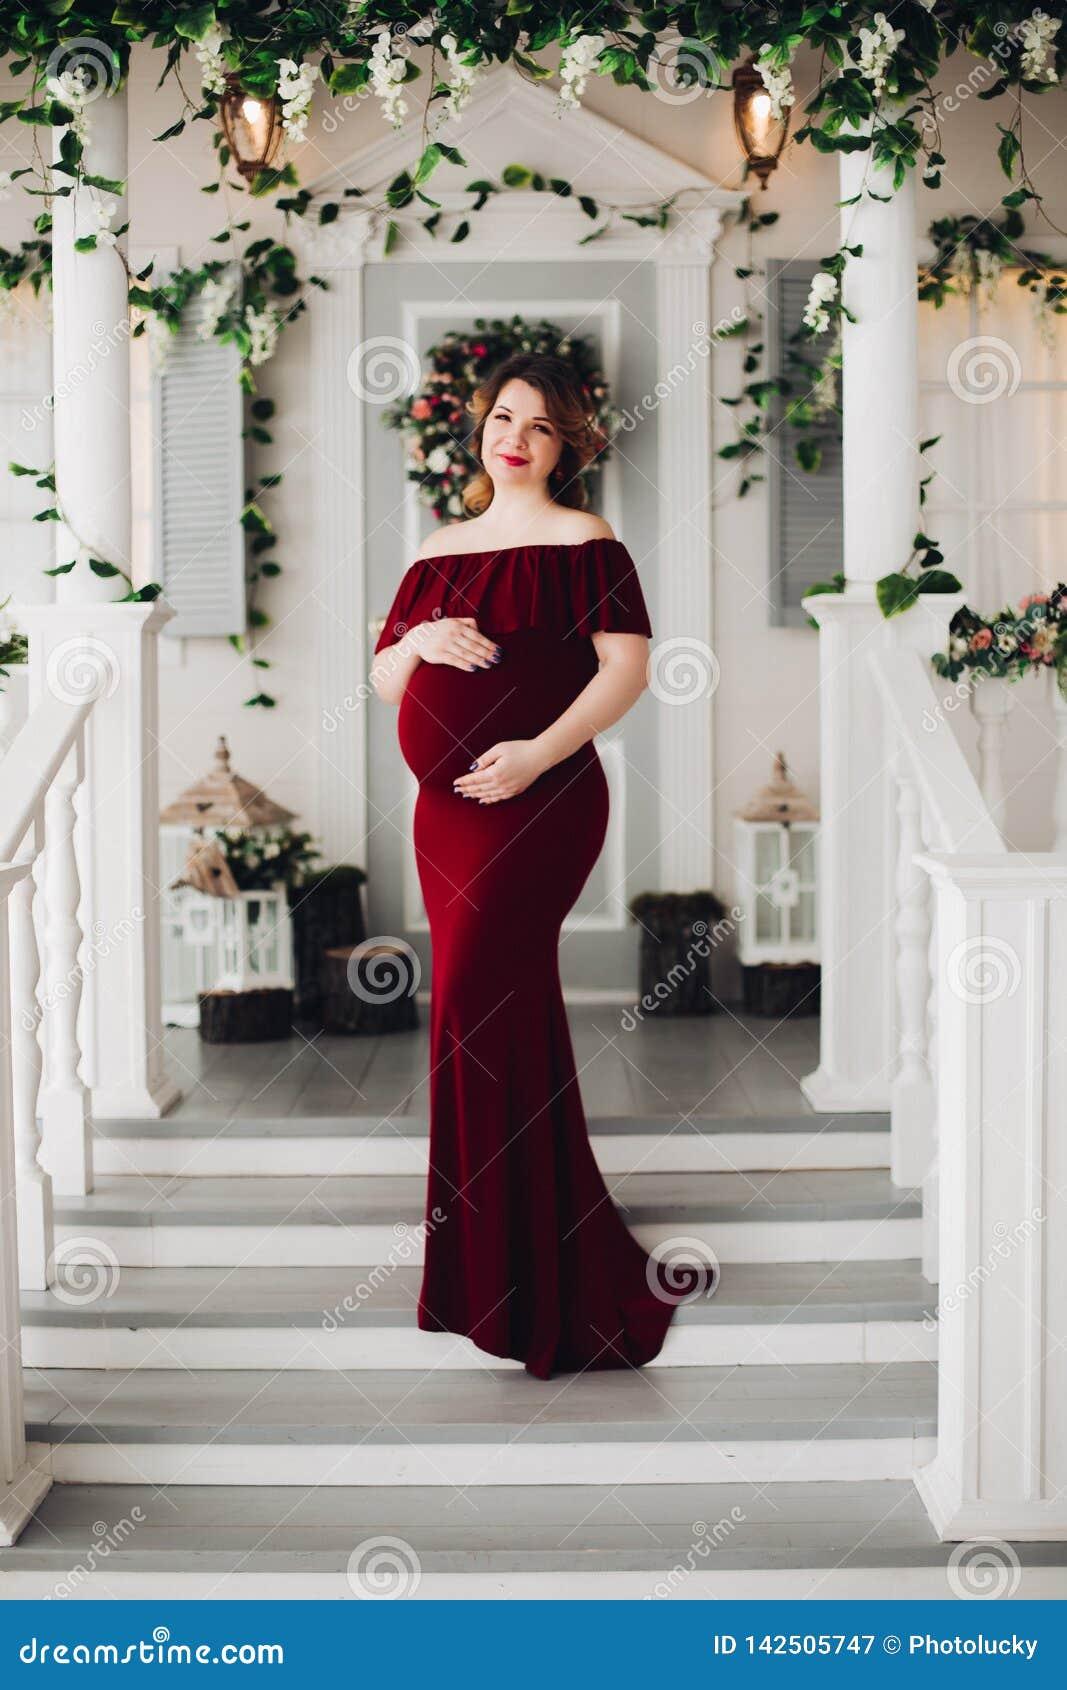 Femme Enceinte De Charme Dans La Robe De Marsala Posant Sur Des Etapes De Maison Image Stock Image Du Robe Charme 142505747